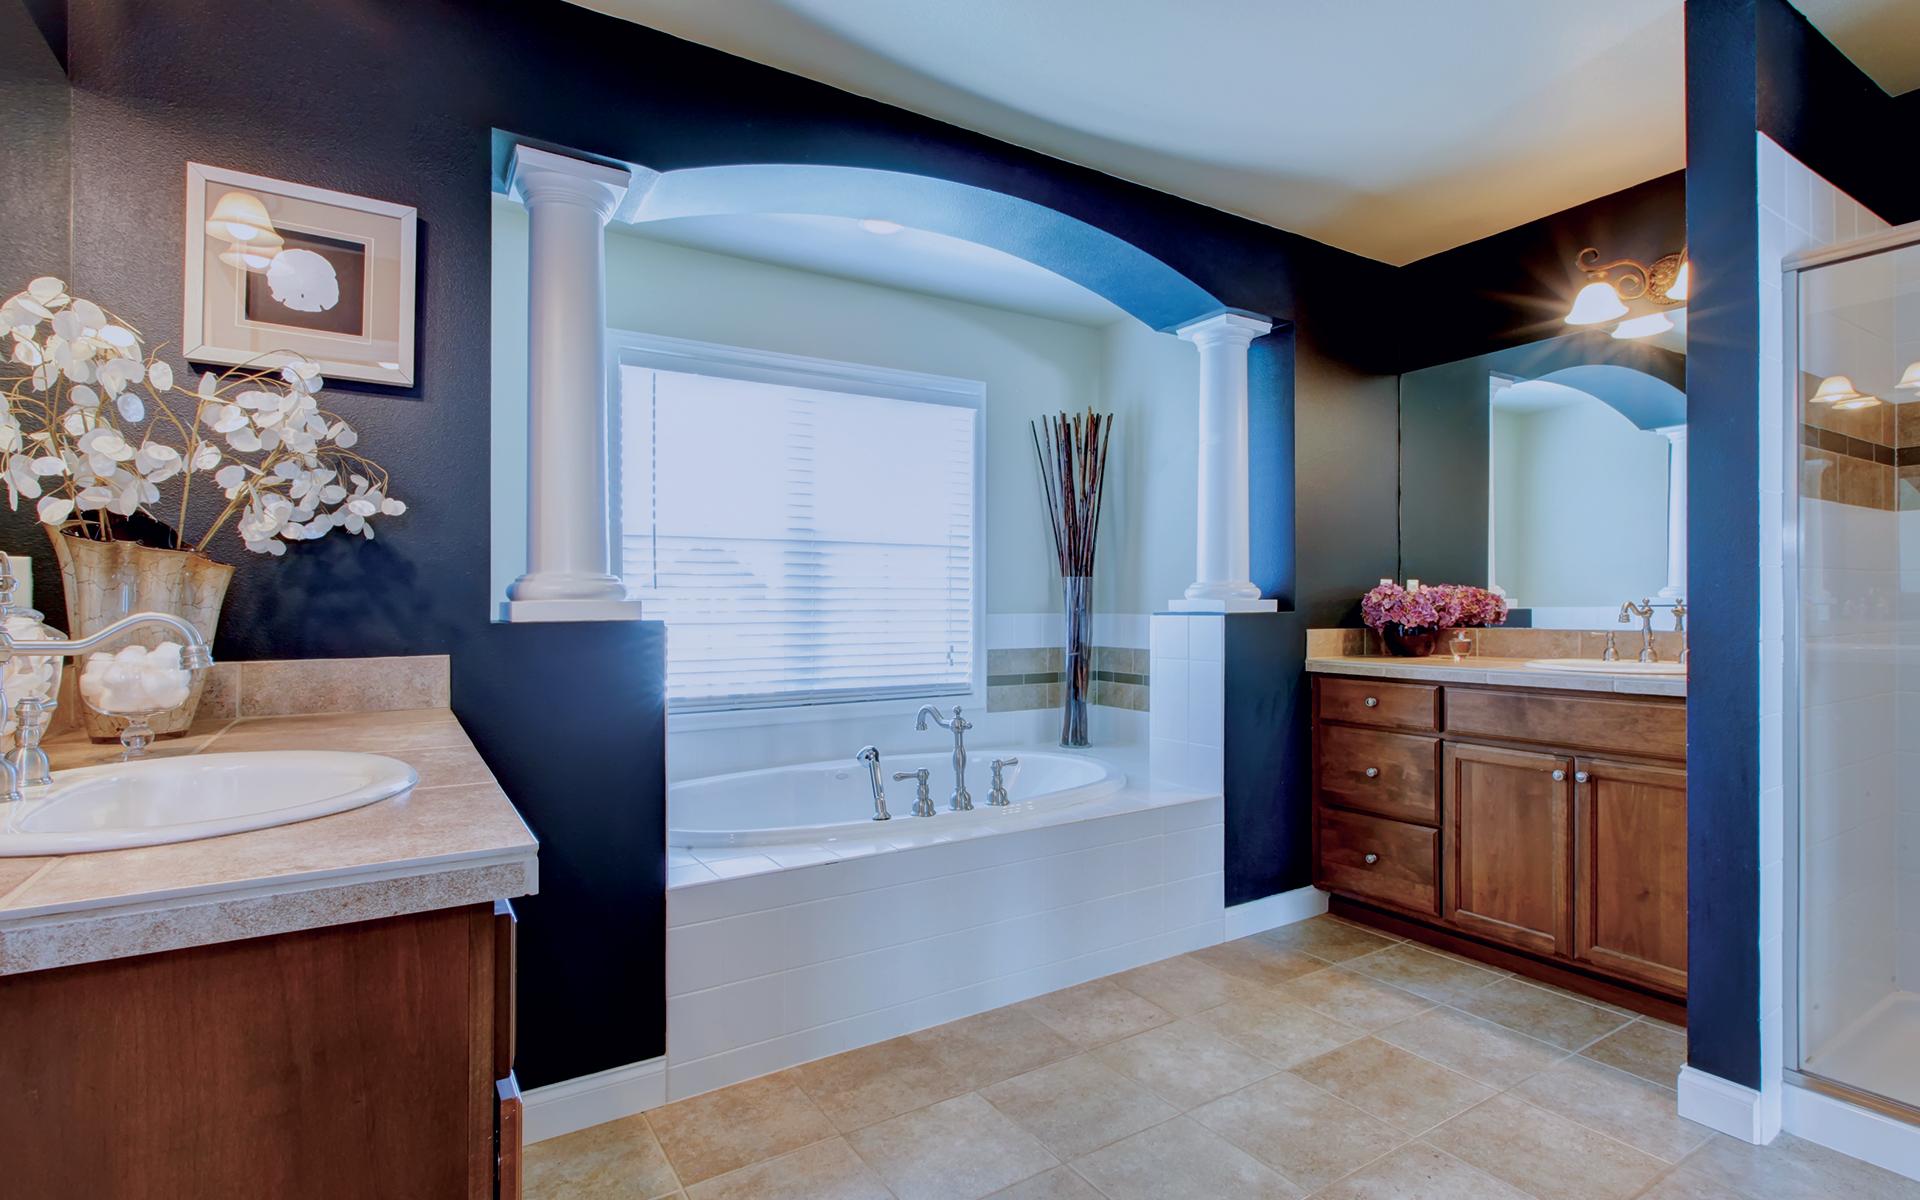 100 refaire la salle bains am nagement salle bain 3 for Combien coute une salle de bain complete